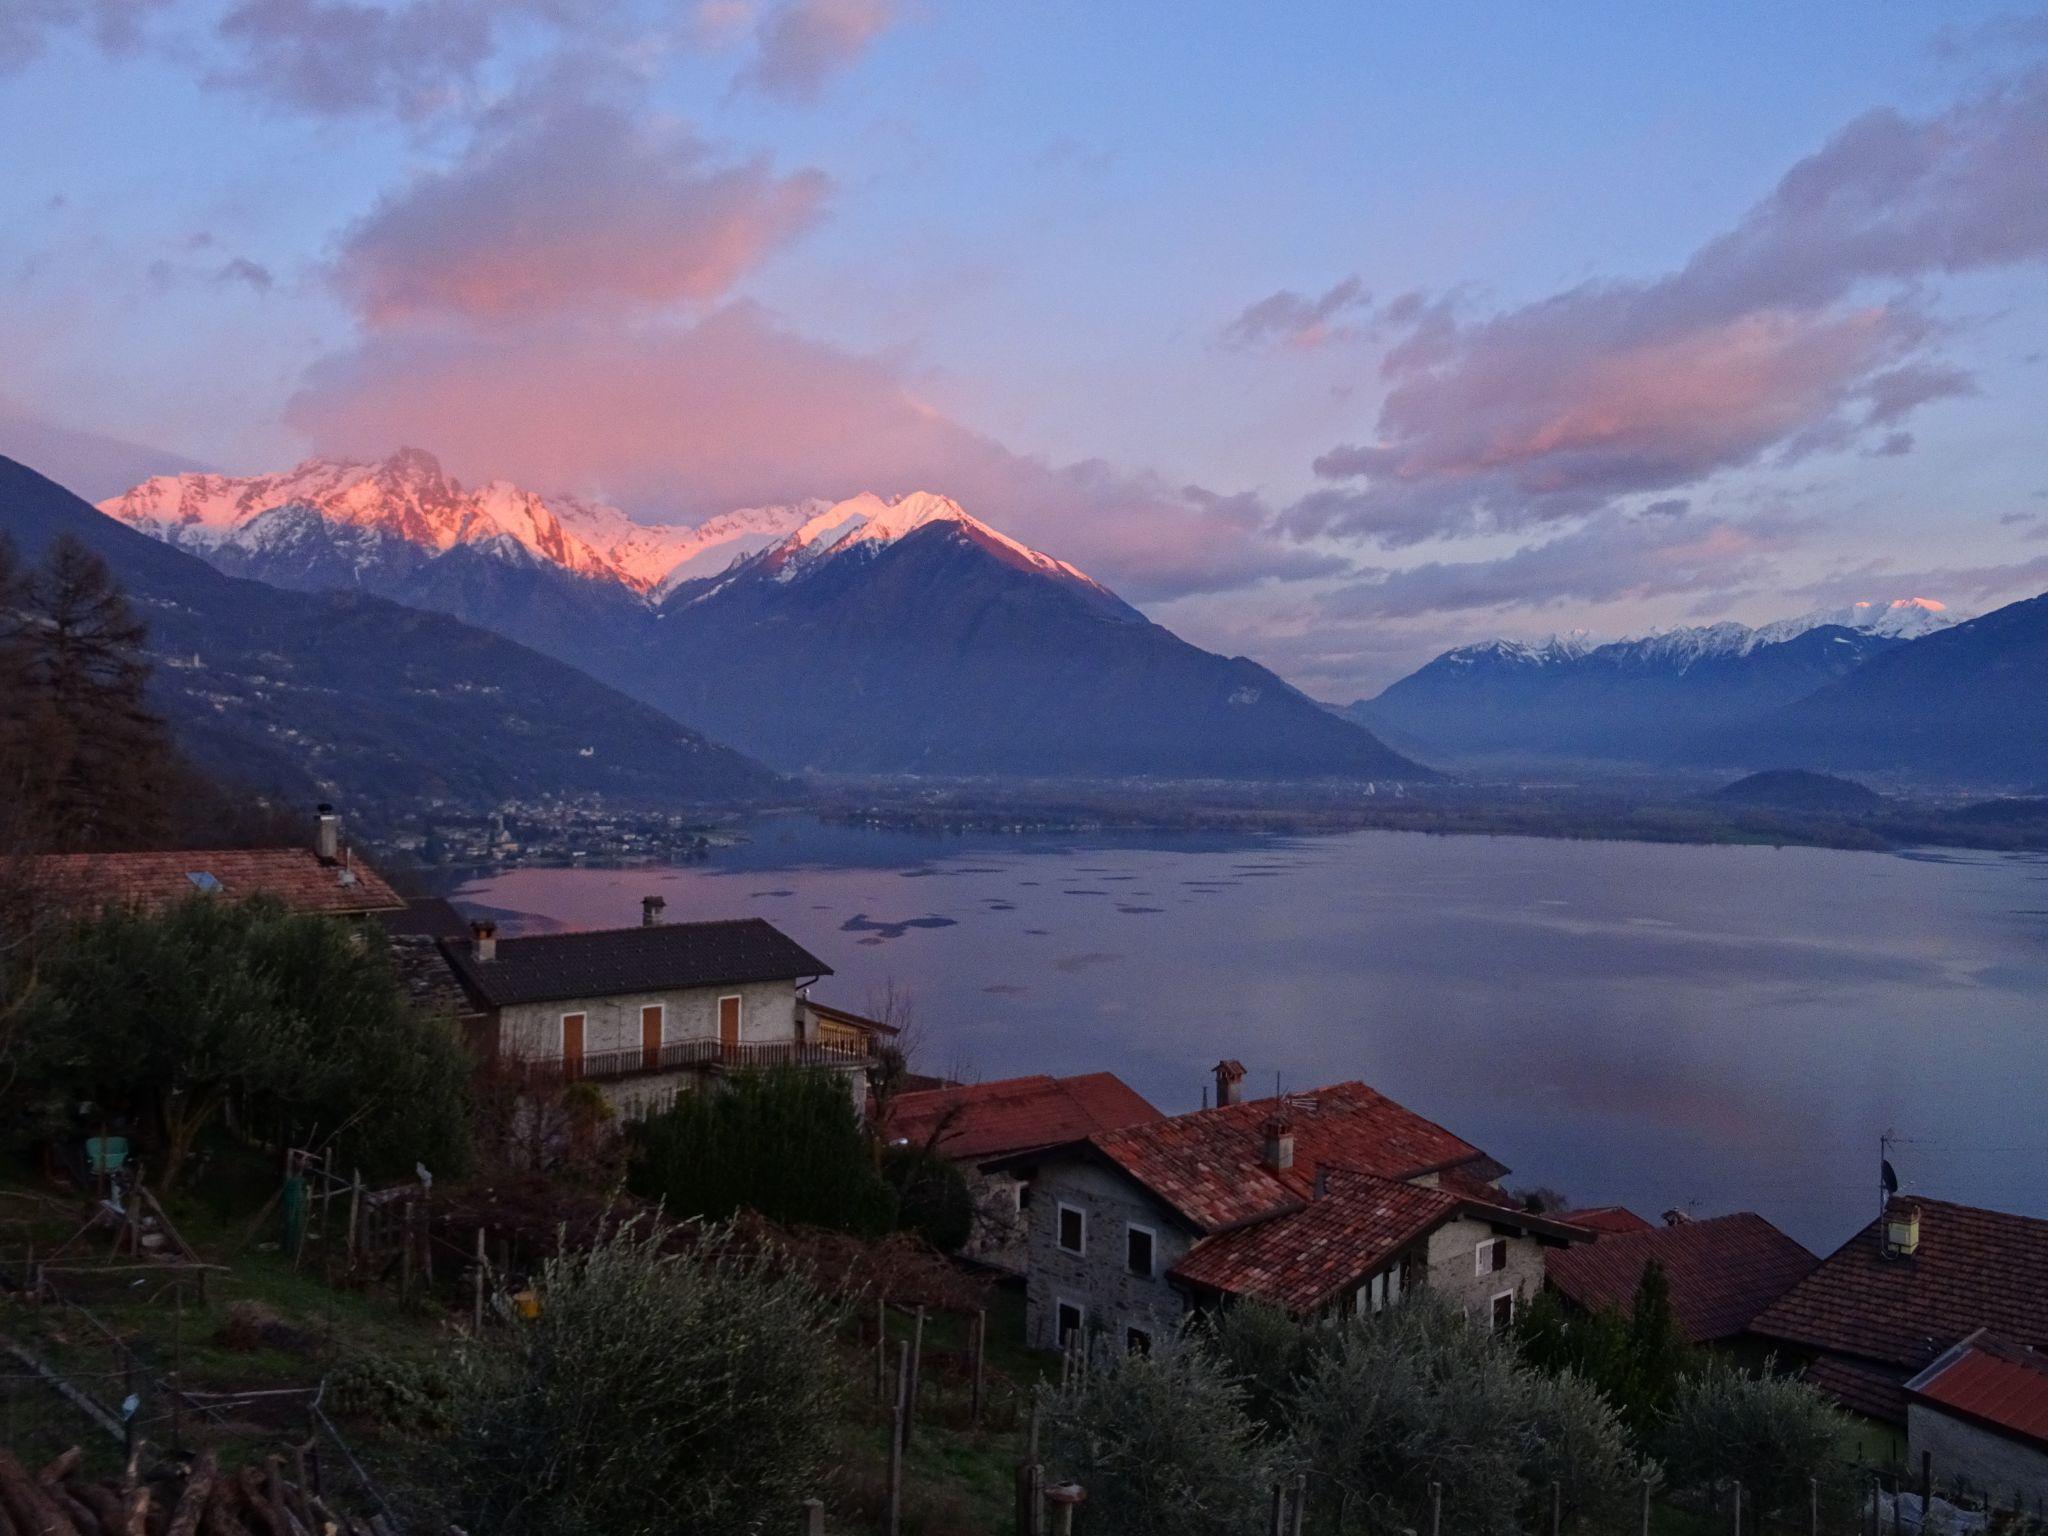 End of Via Antonio Carraccioli, Italy